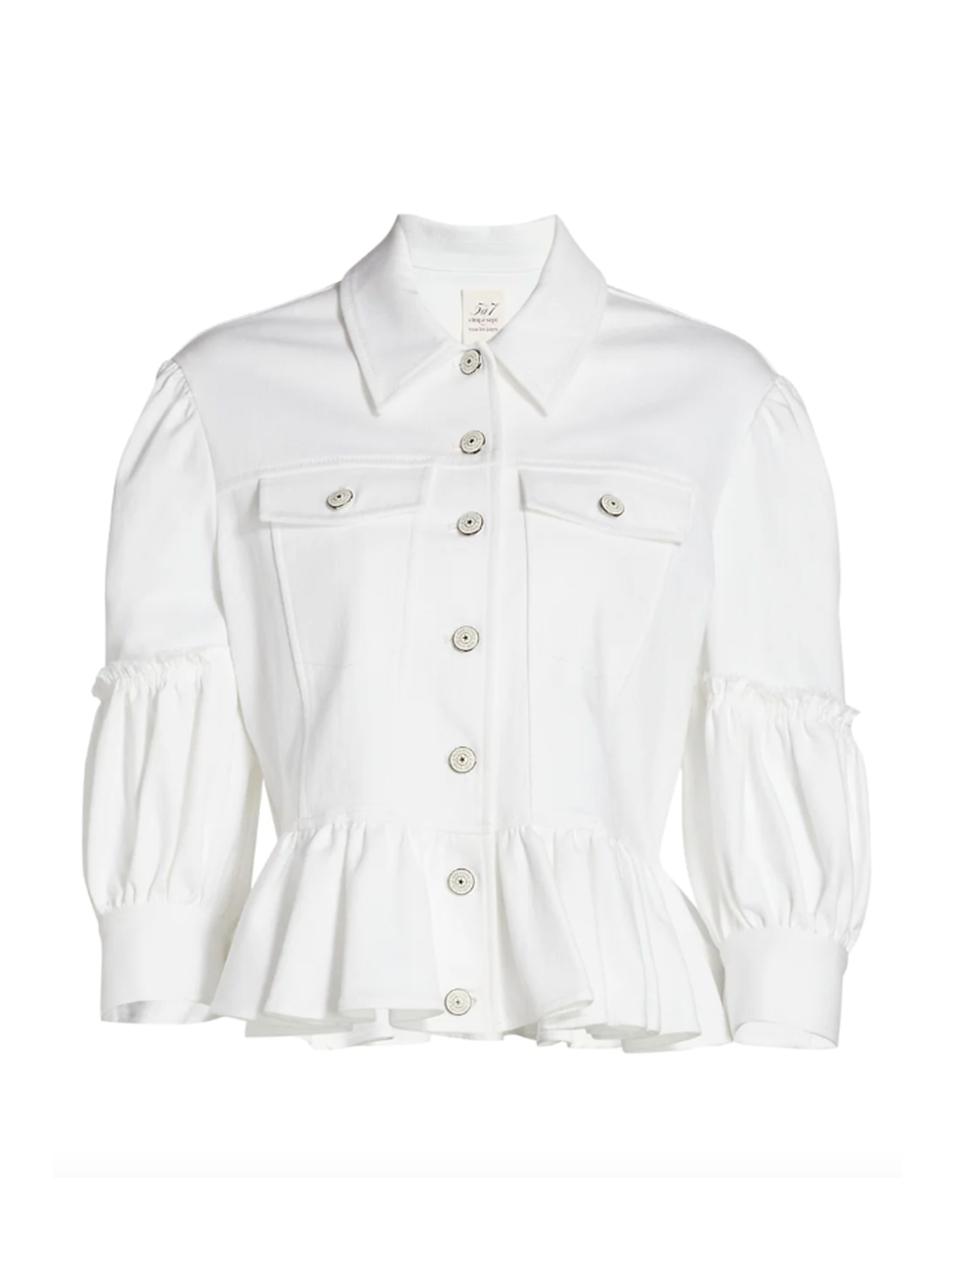 Cinq à Sept Lizzie Peplum Jacket Product Shot